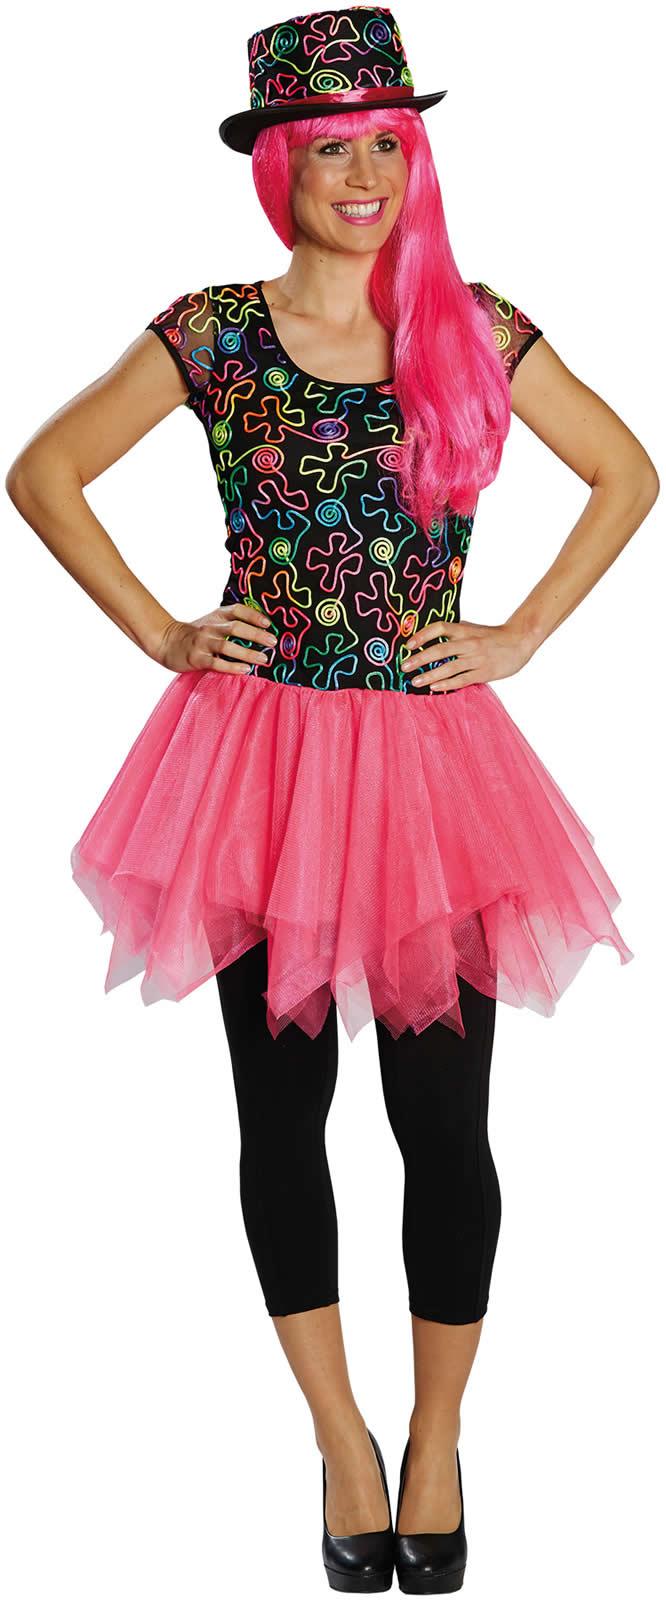 Freaky Dress Kleid Neon Karneval Fasching Kostum 32 44 Ebay